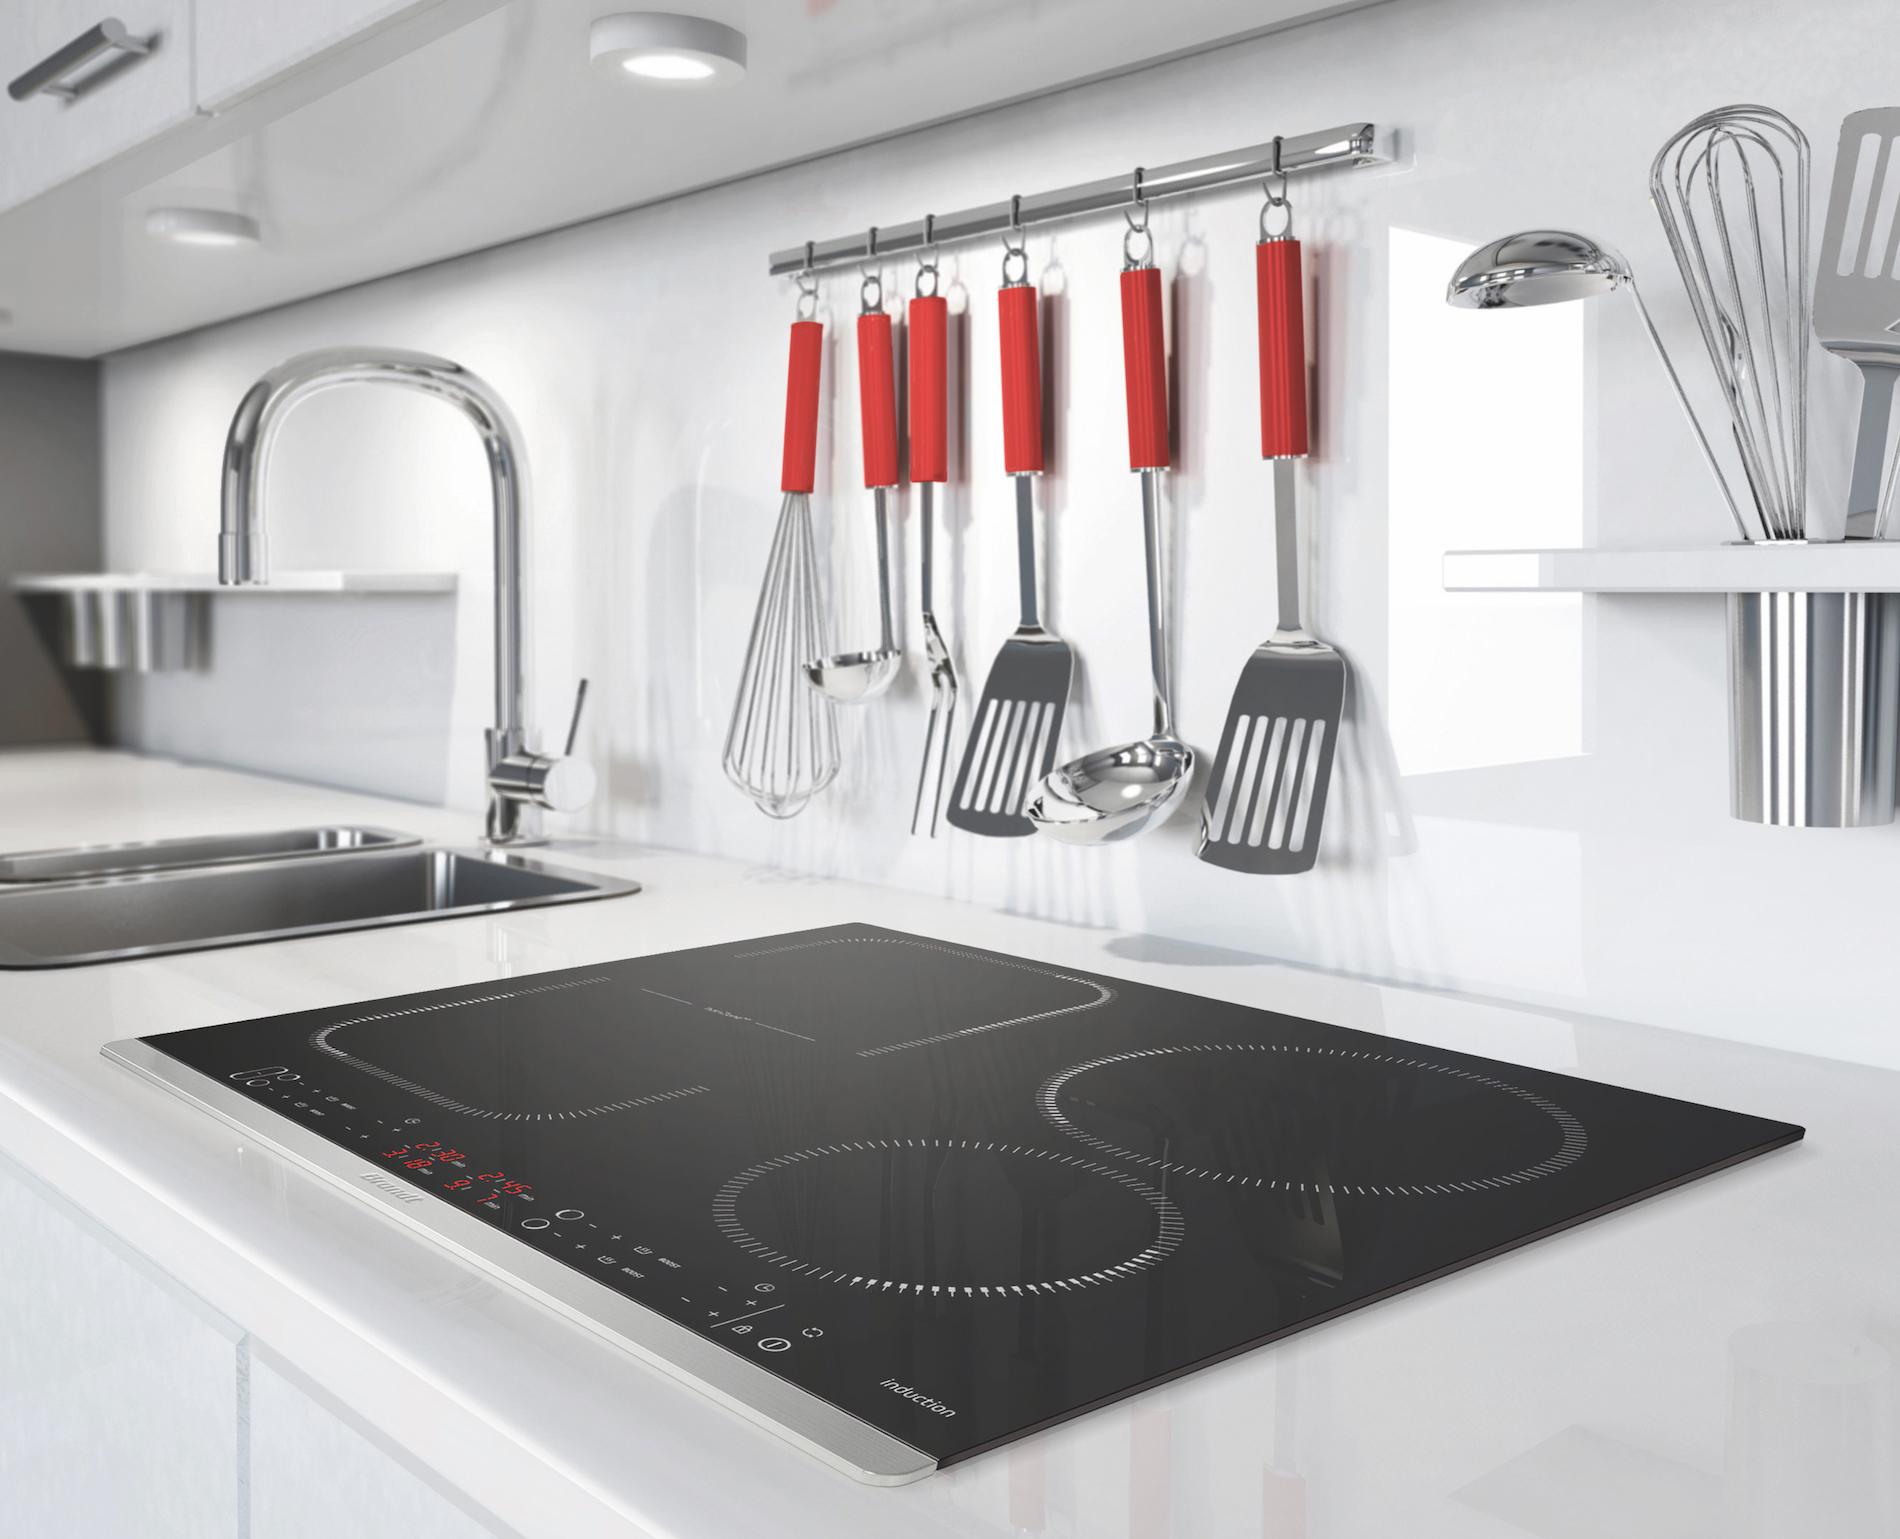 Wikibrandt consejos para una cocina segura - Consejos de cocina ...